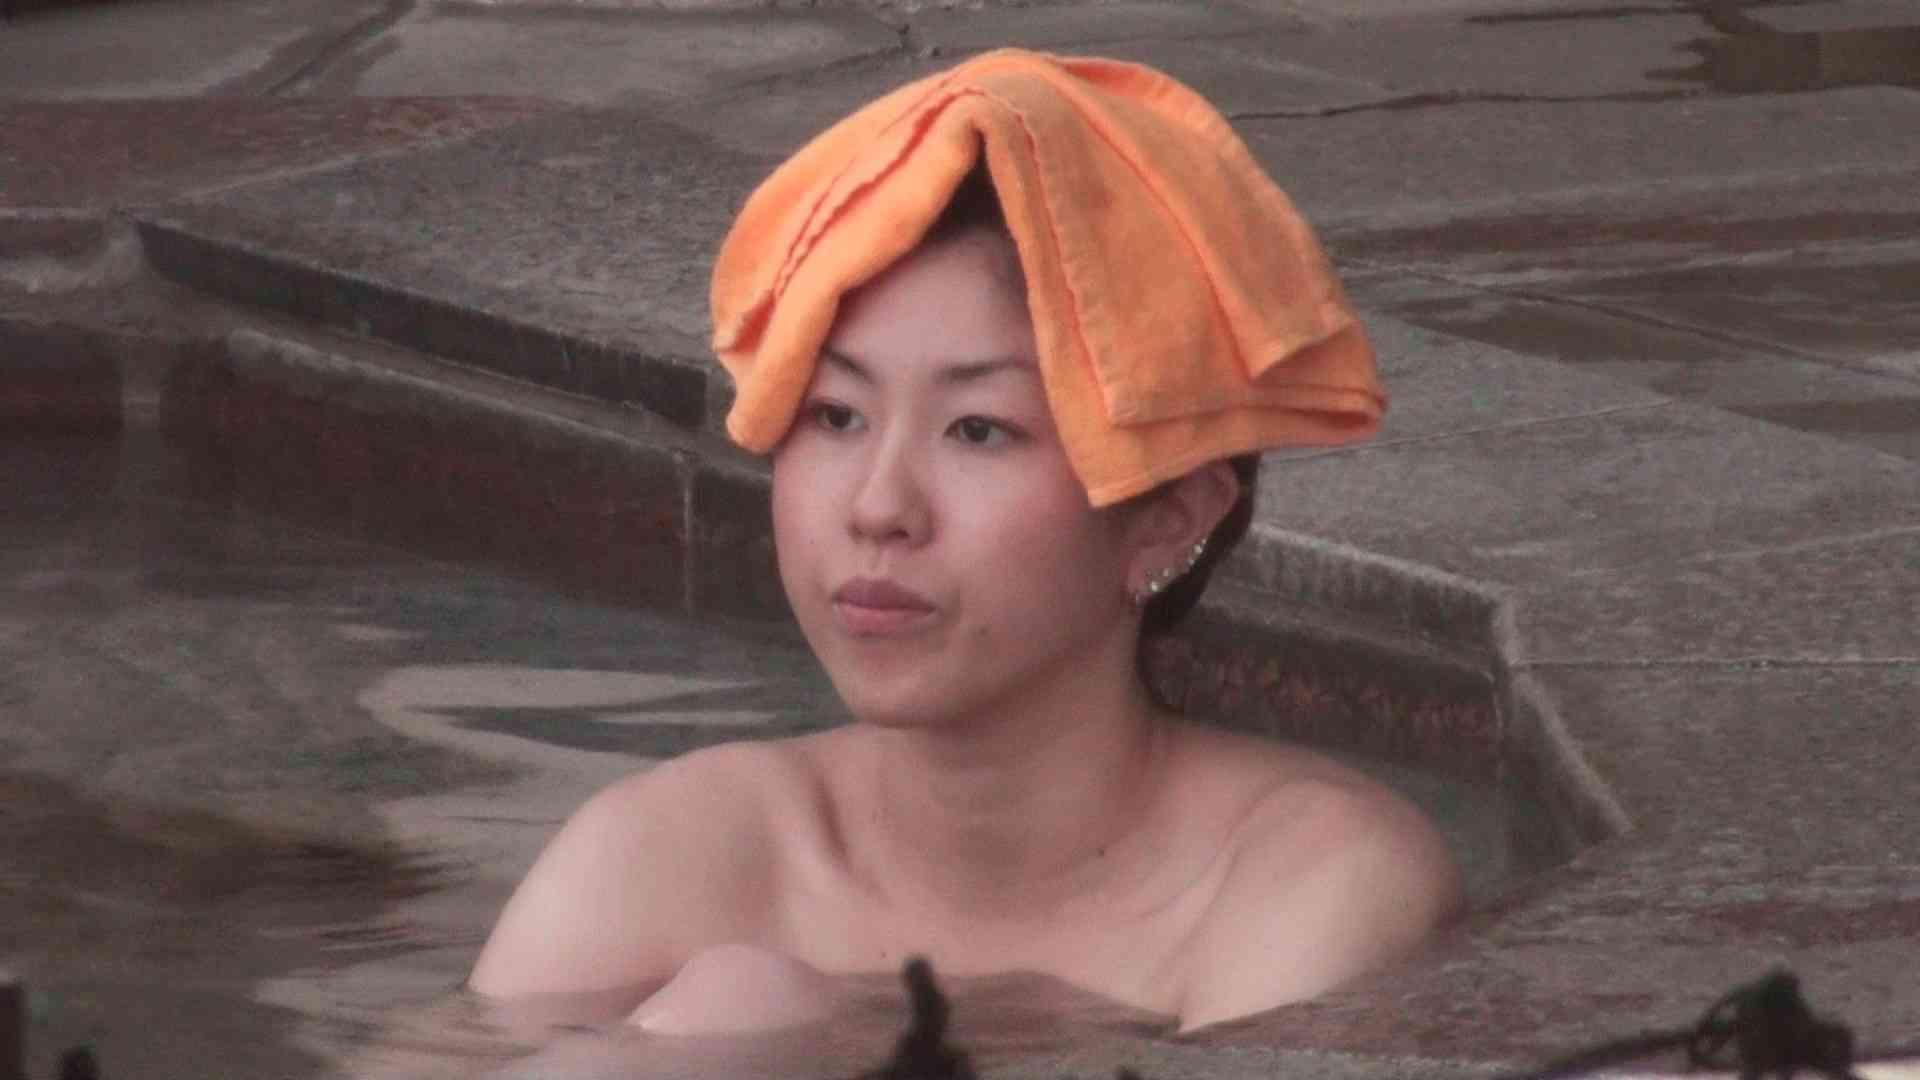 Aquaな露天風呂Vol.135 美しいOLの裸体 覗きおまんこ画像 105pic 95